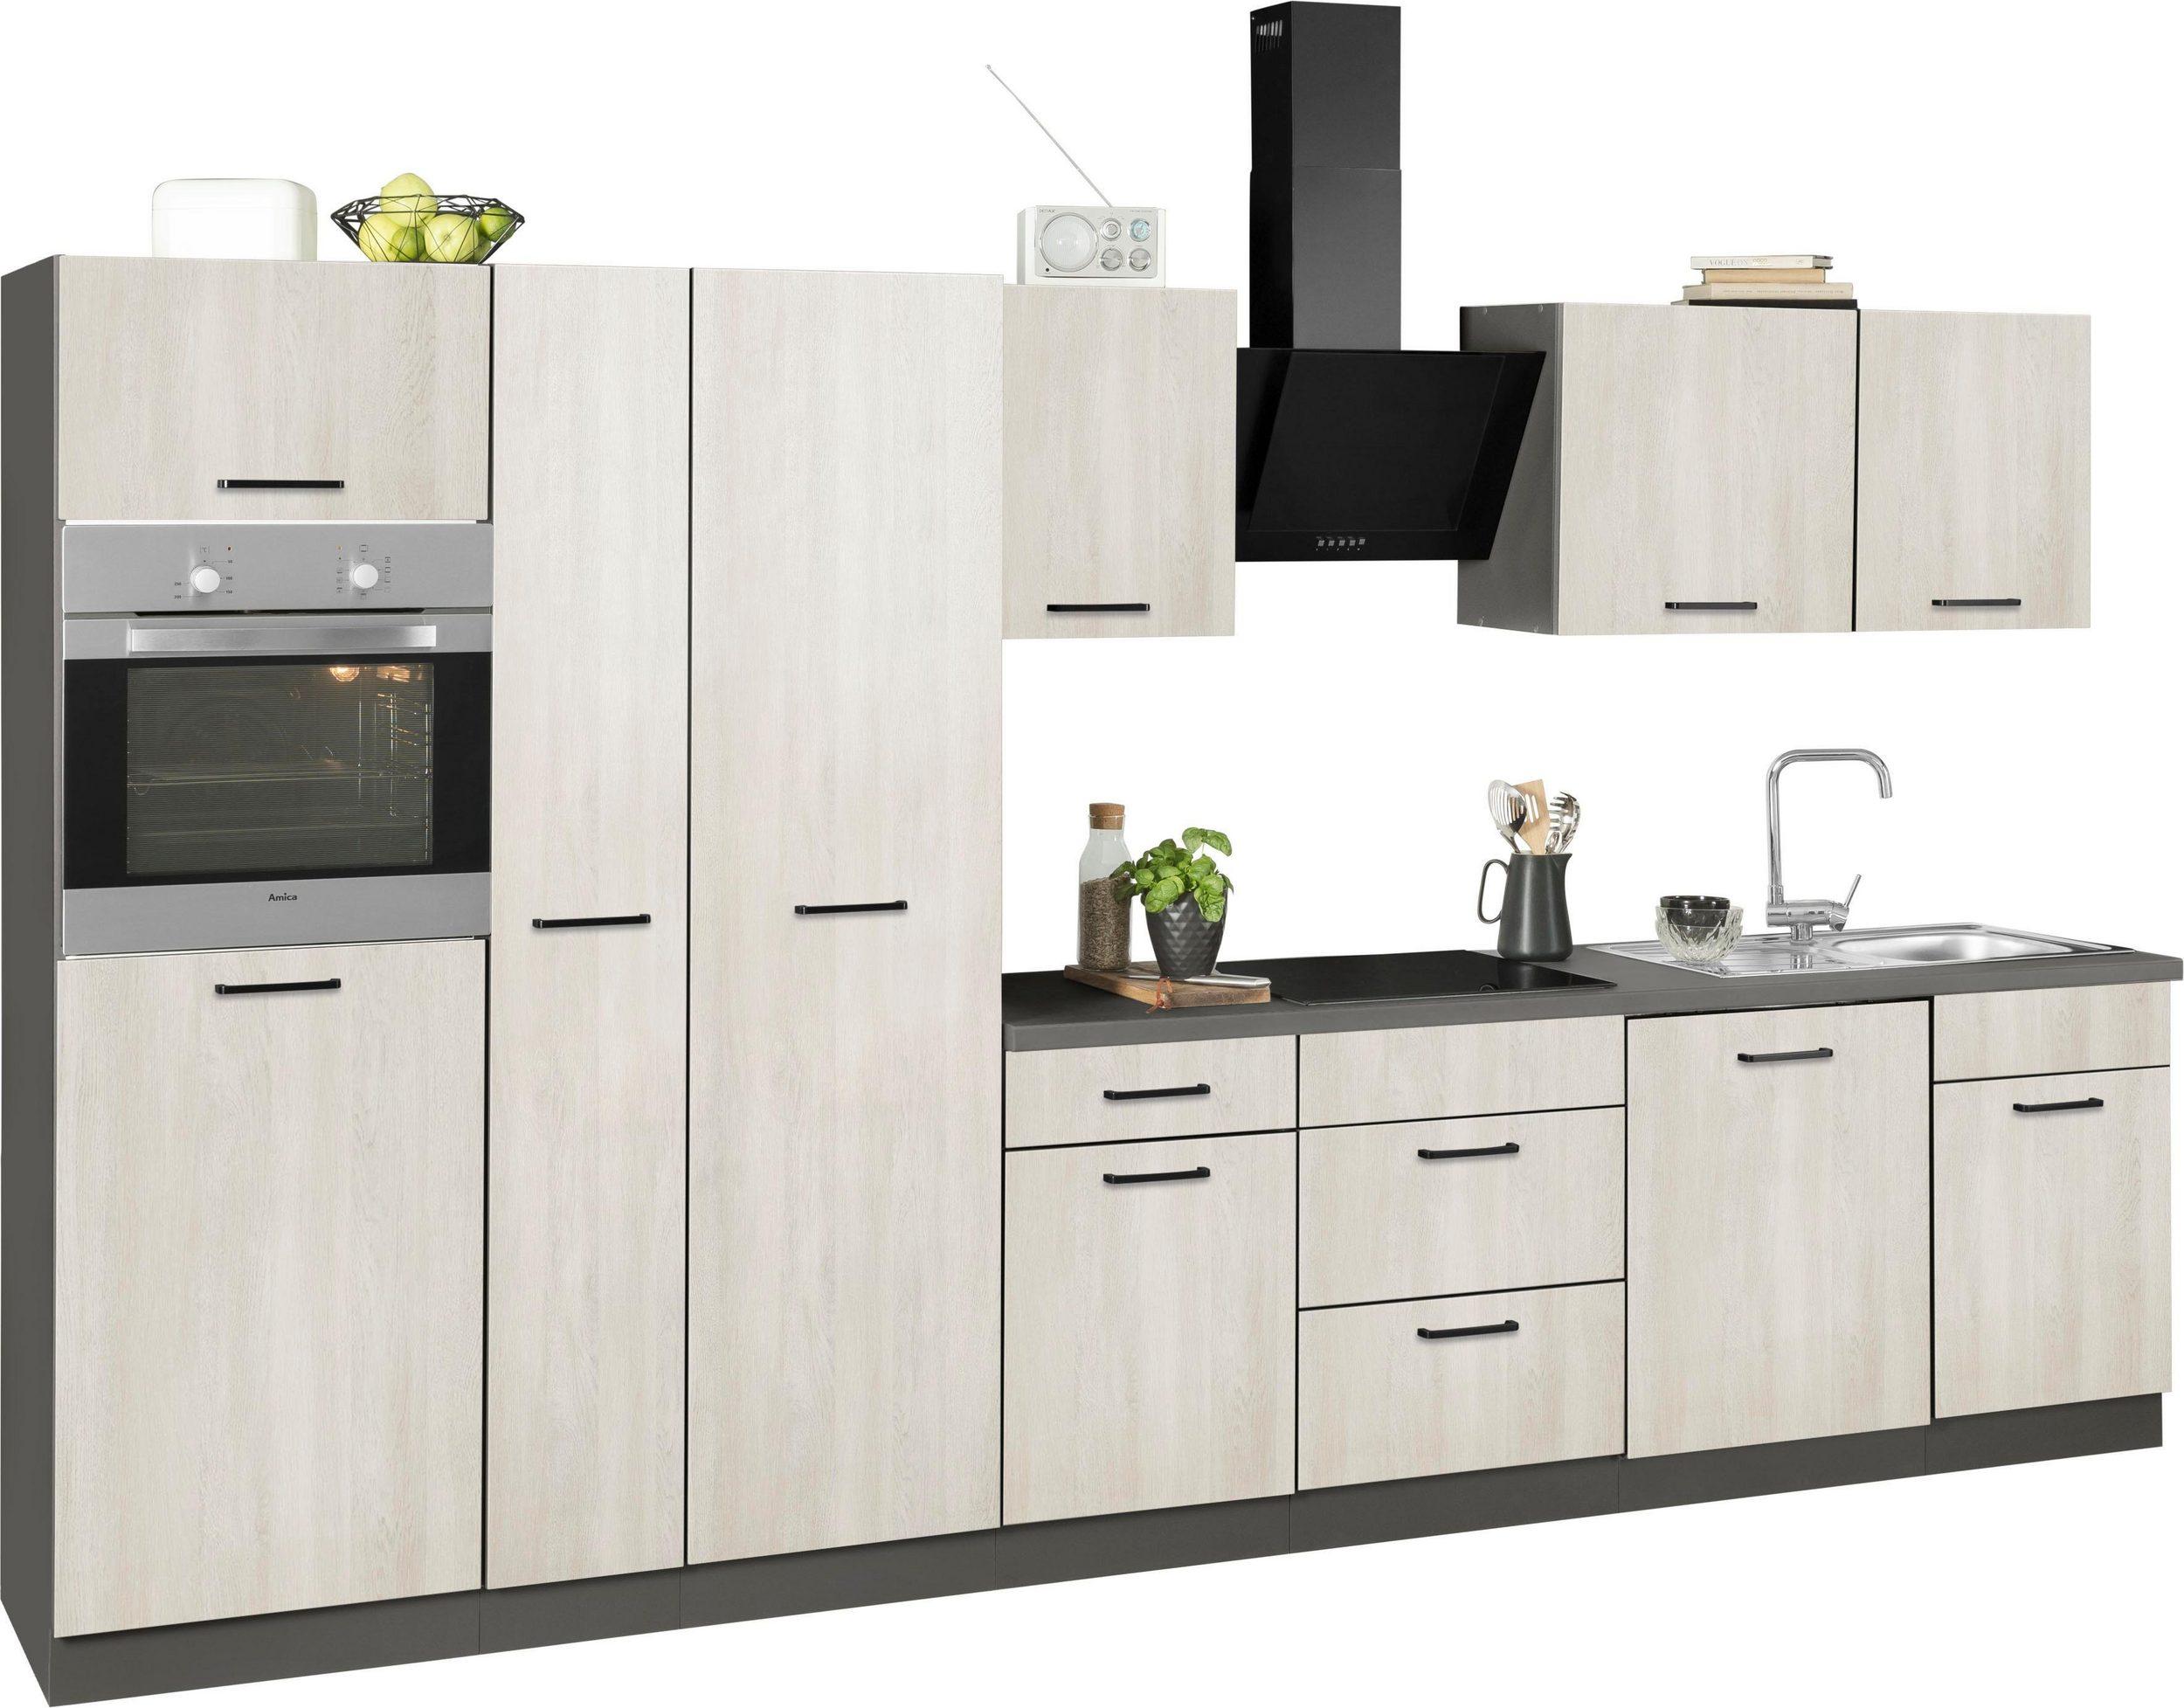 wiho Küchen Küchenzeile ESBO mit E-Geräten - wiho Küchen